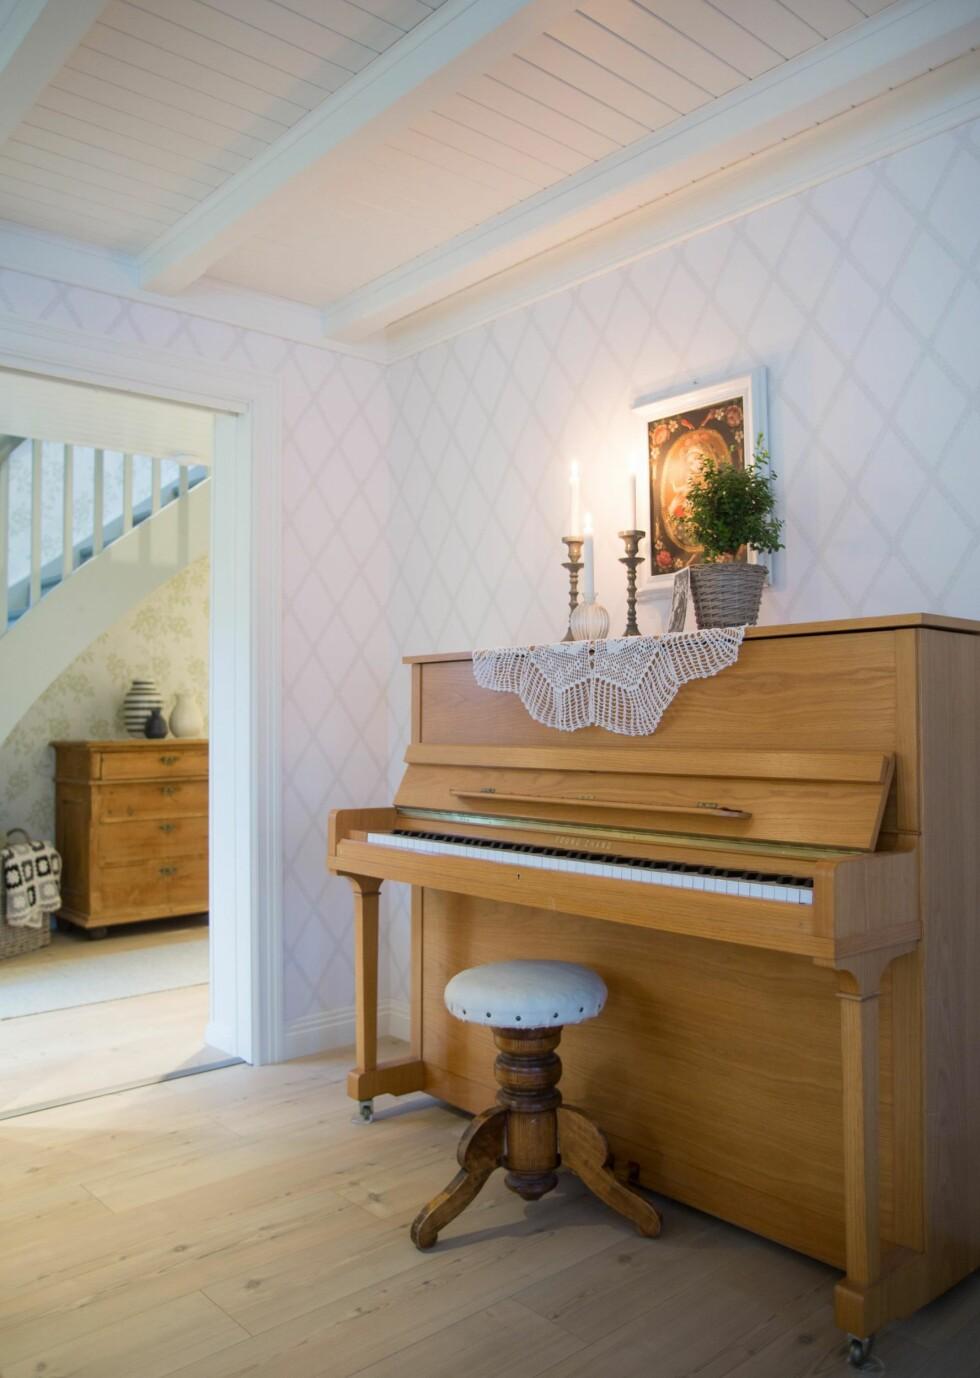 ÅRGANGSTONER: Pianoet er arv fra foreldrene til Marianne. Hun spiller til husbruk. Foto: Siv-Elin Nærø